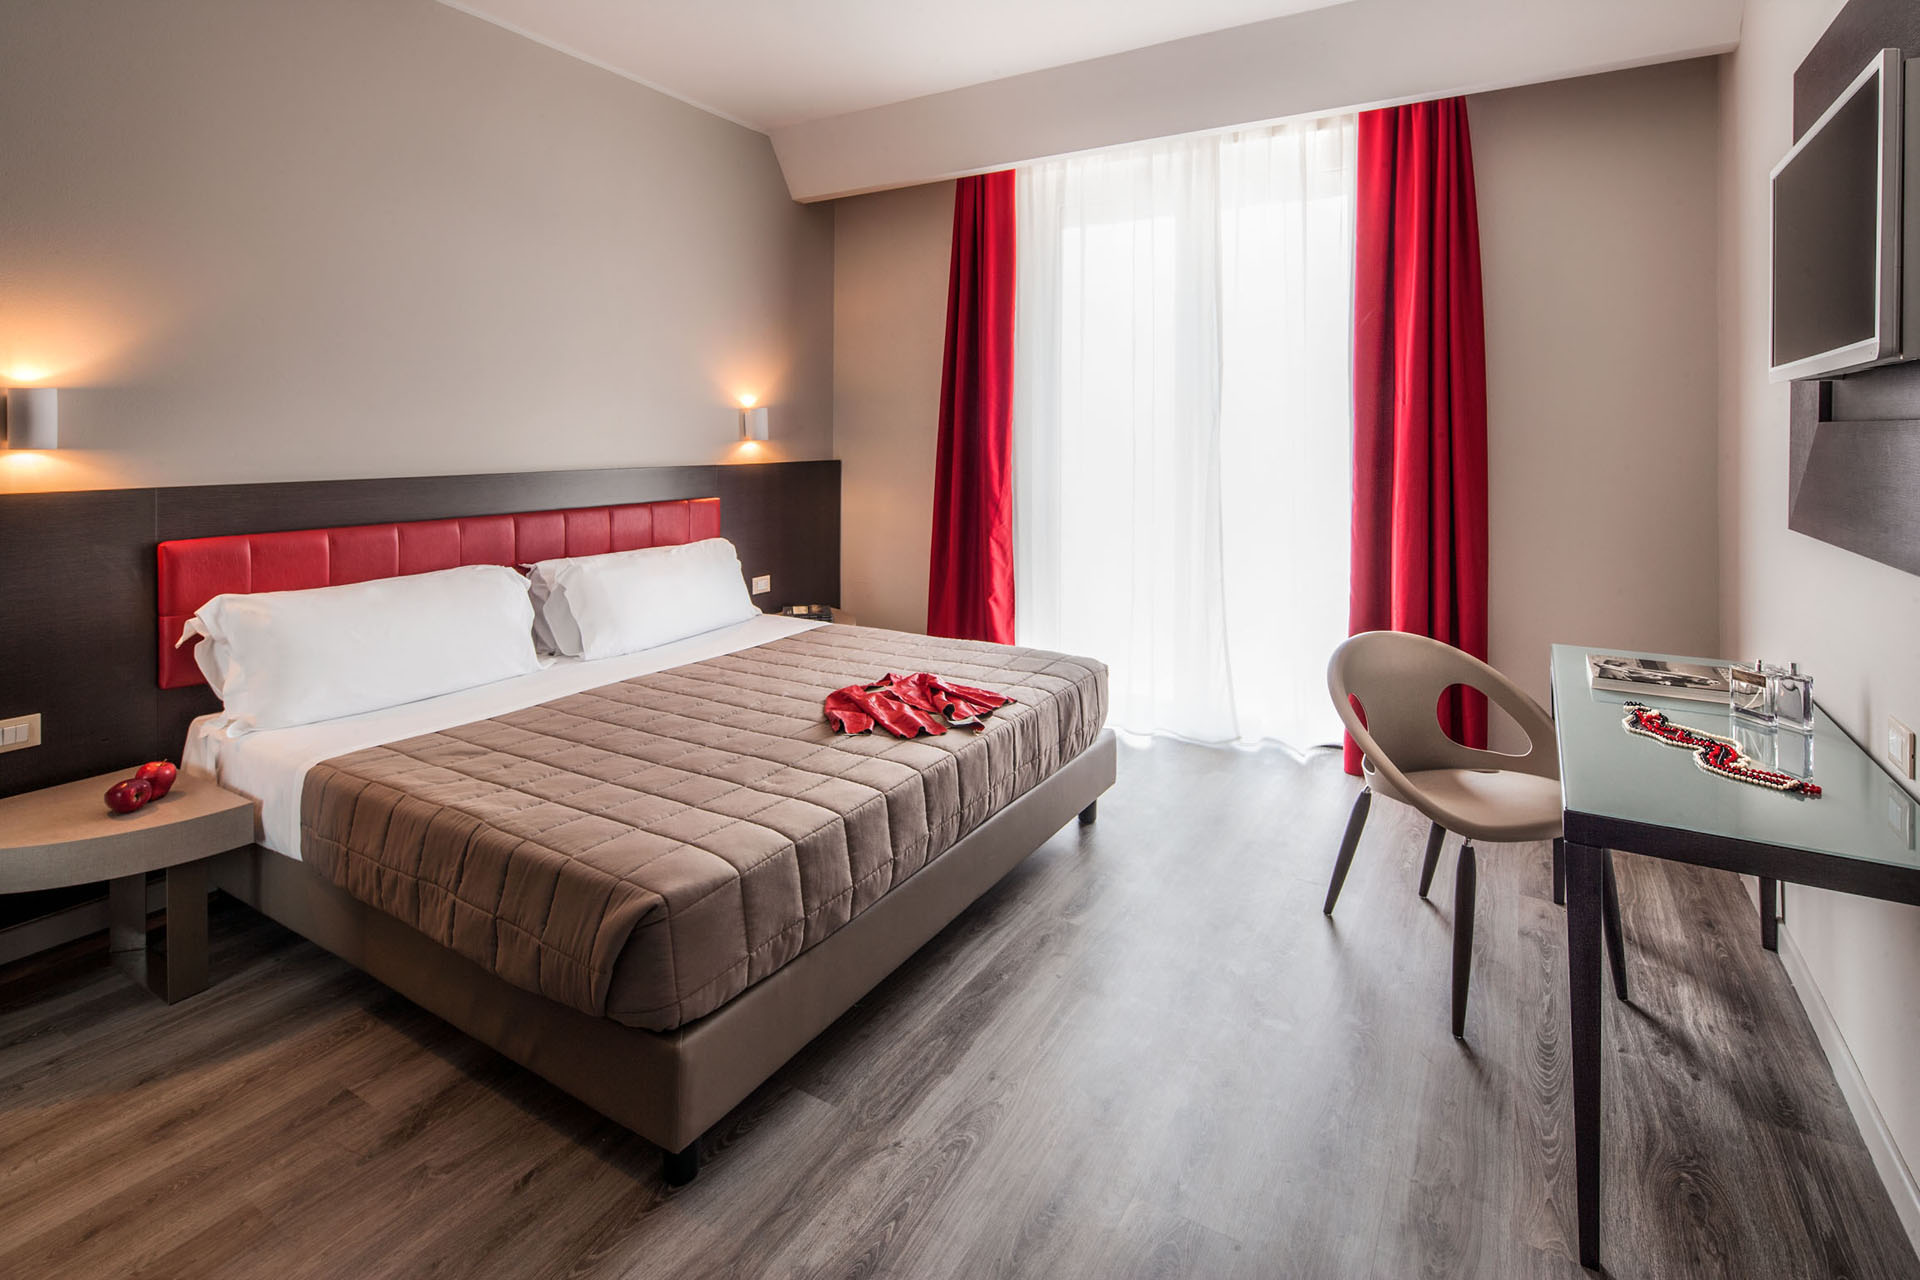 هتل داوینچی ژوهانسبورگ